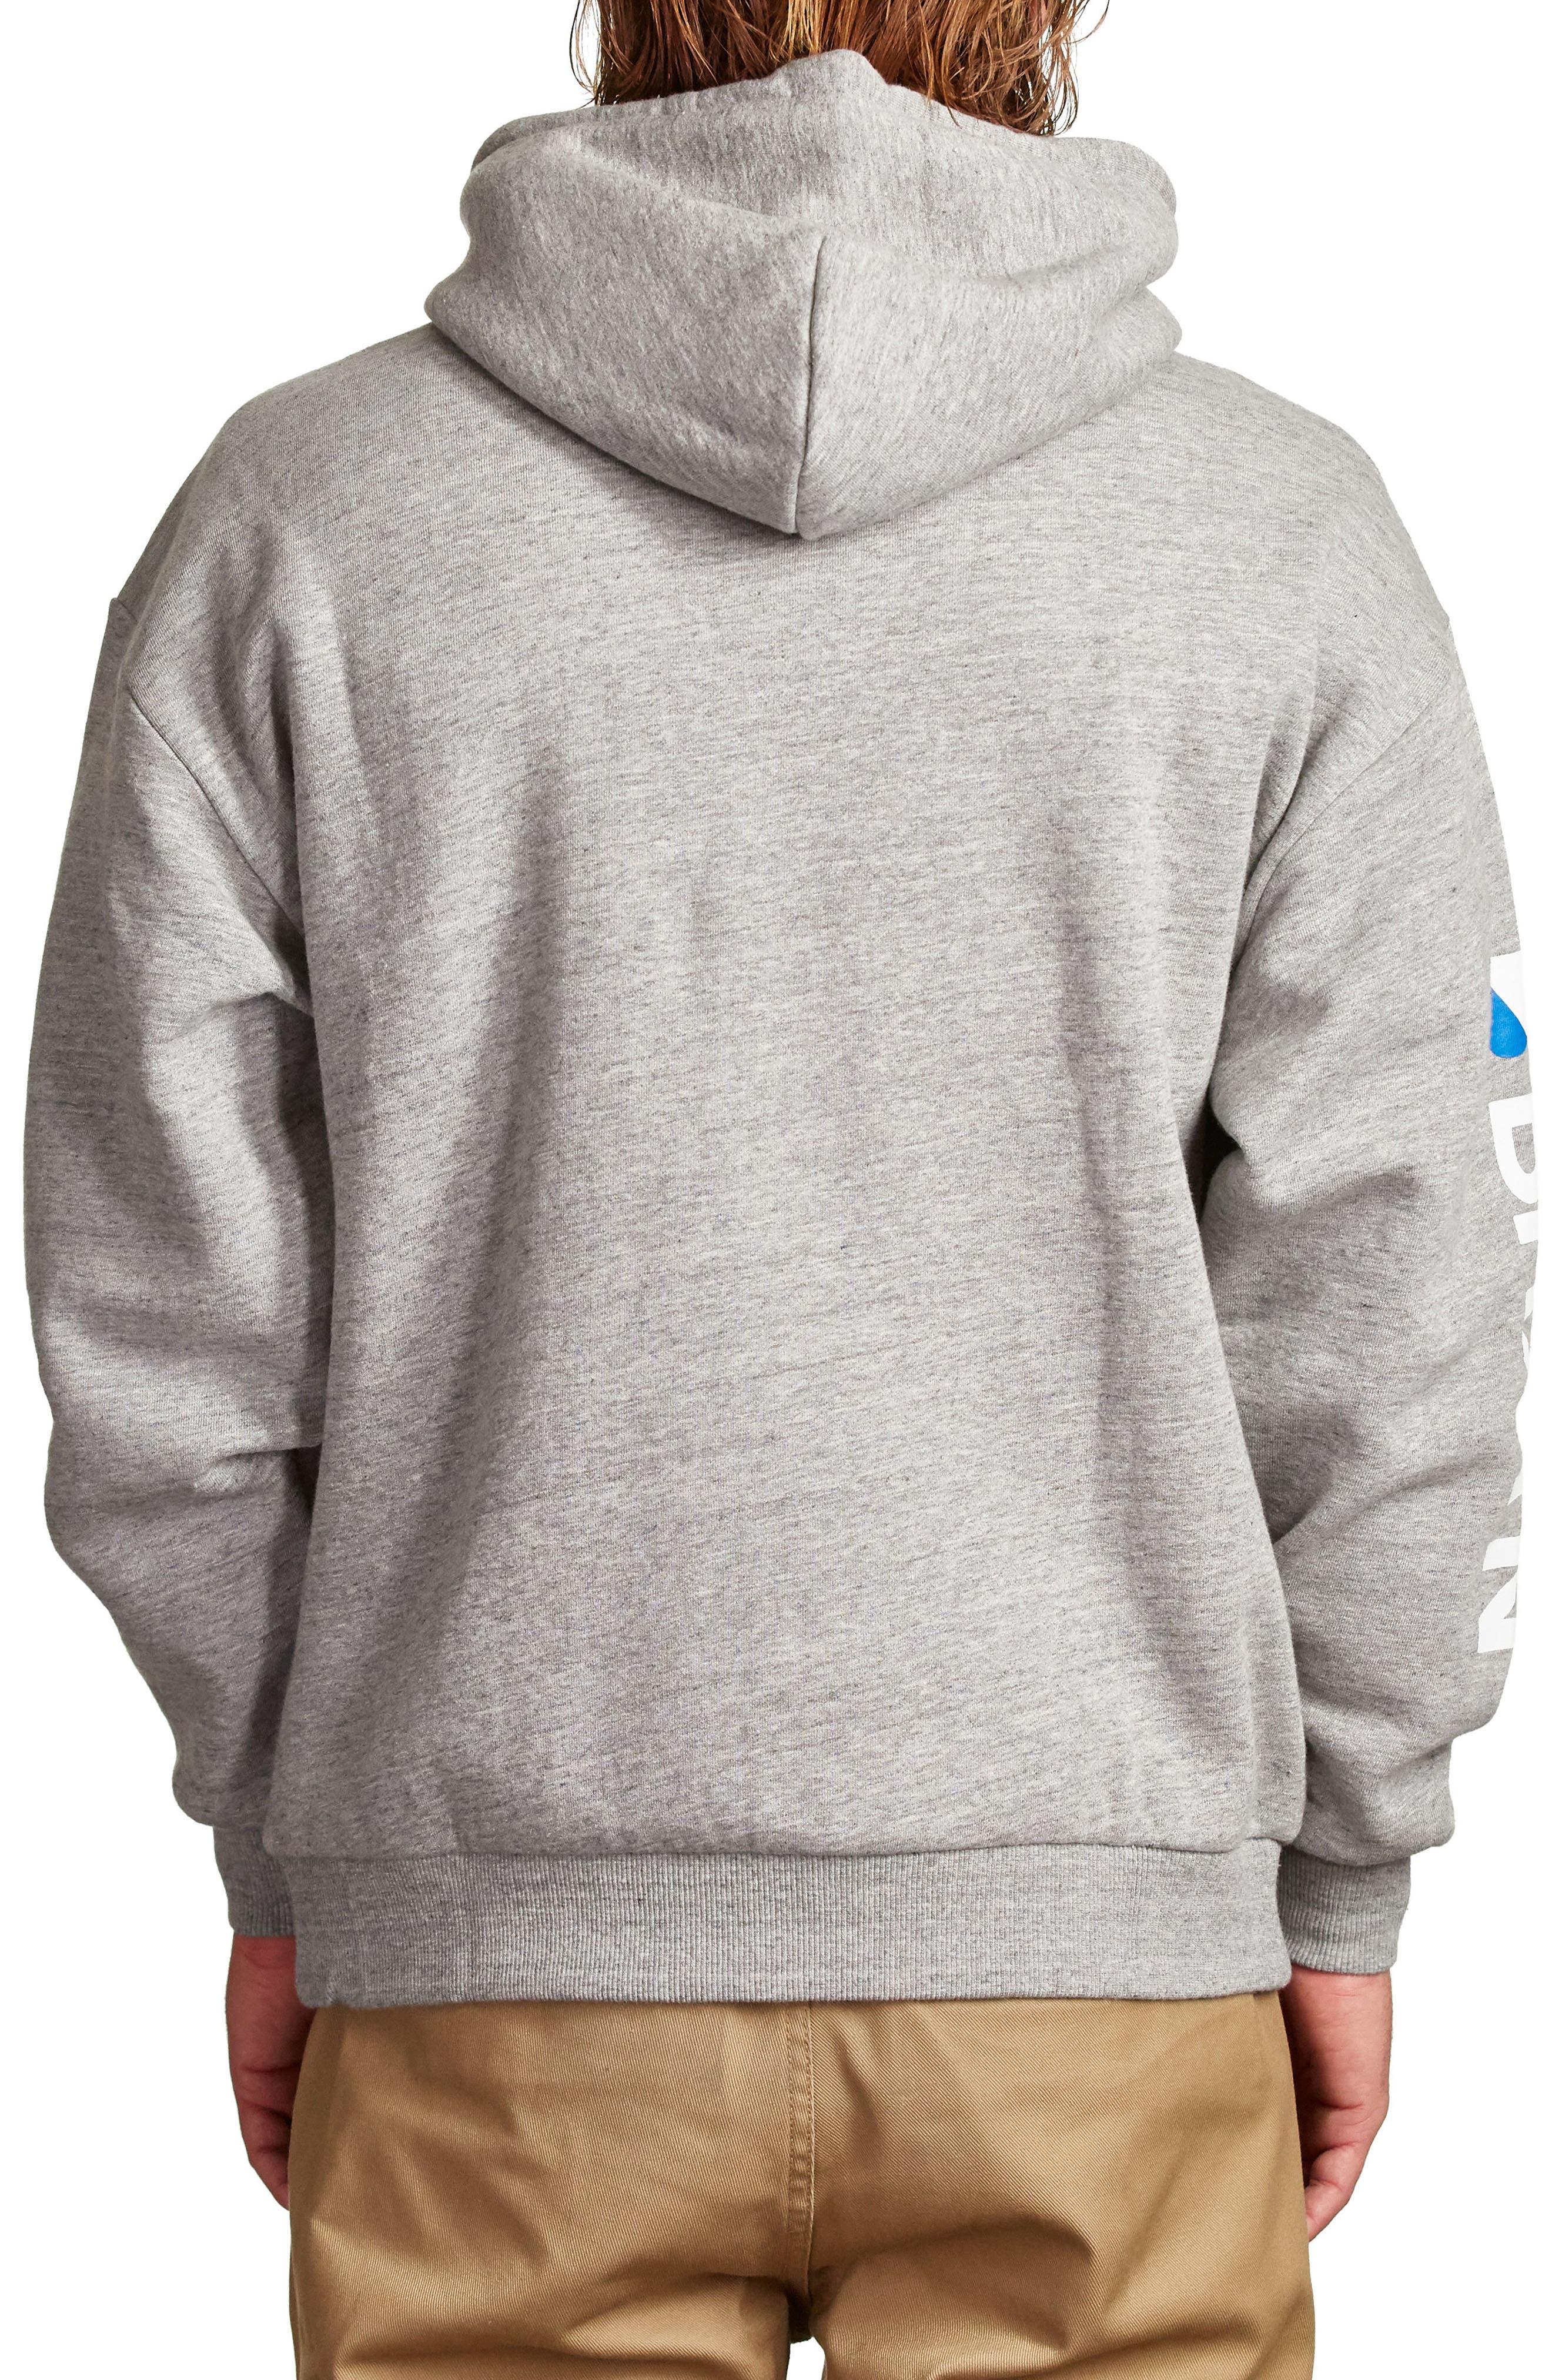 Stowell Hoodie Sweatshirt,                             Alternate thumbnail 2, color,